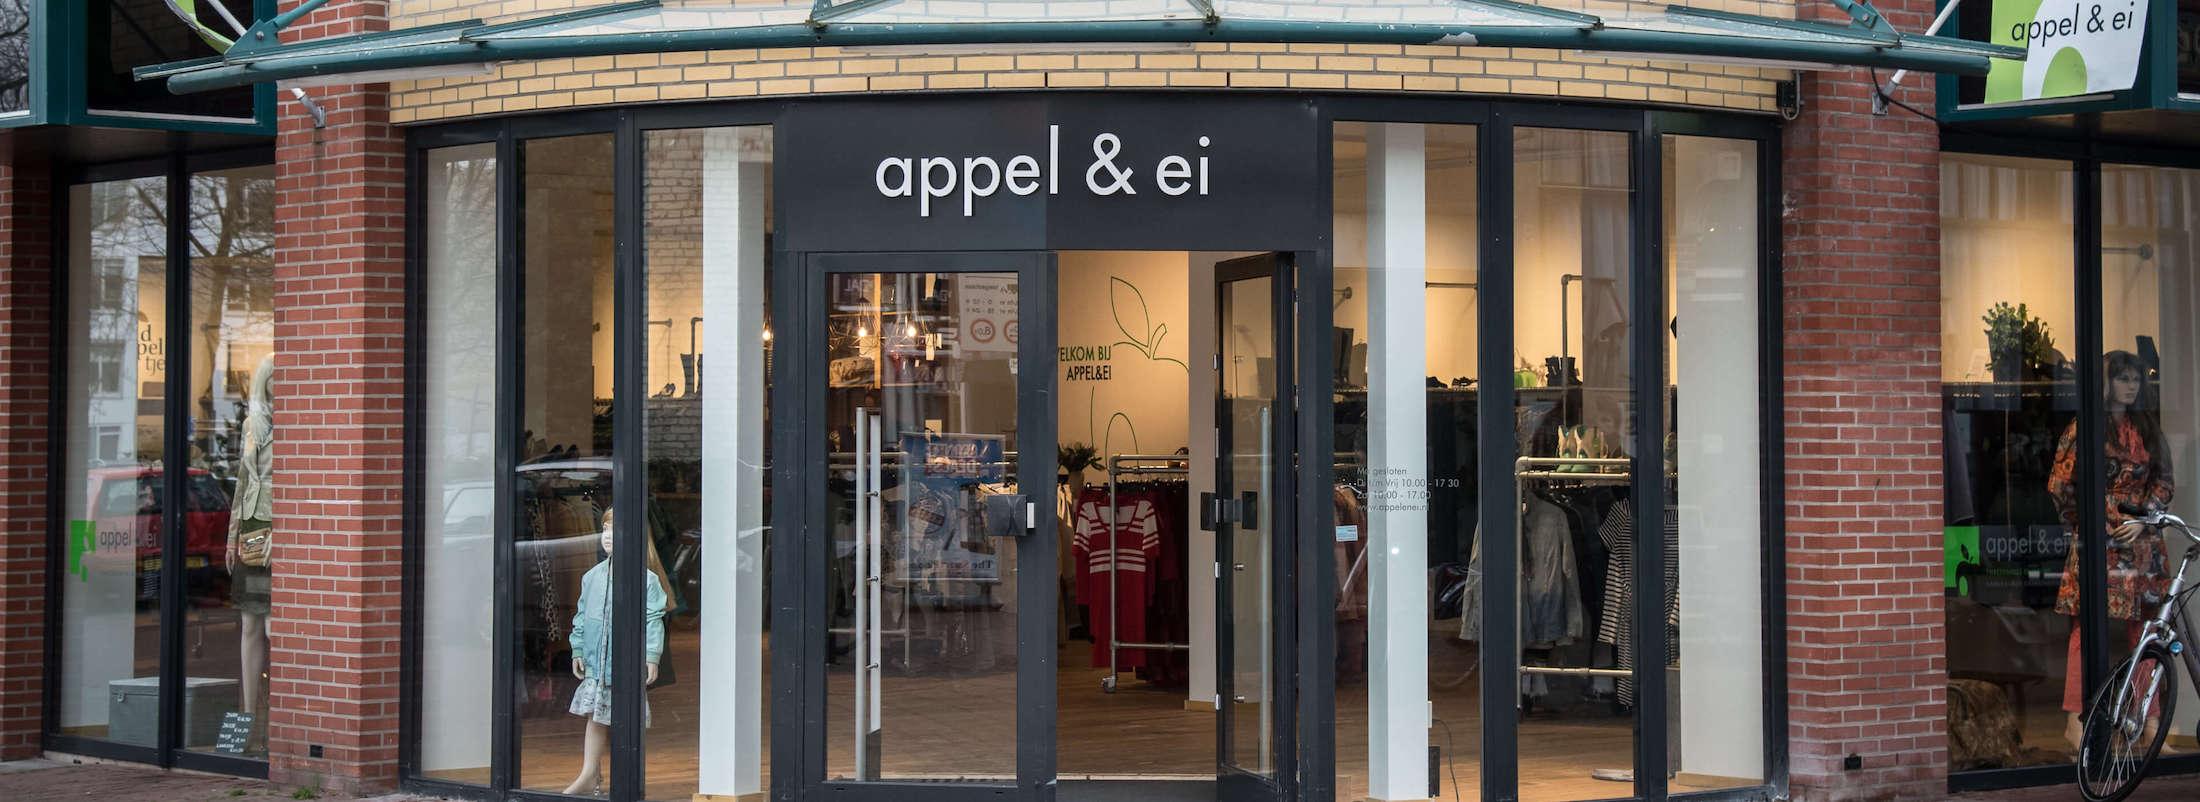 Appel-Ei-Winterswijk-1-19